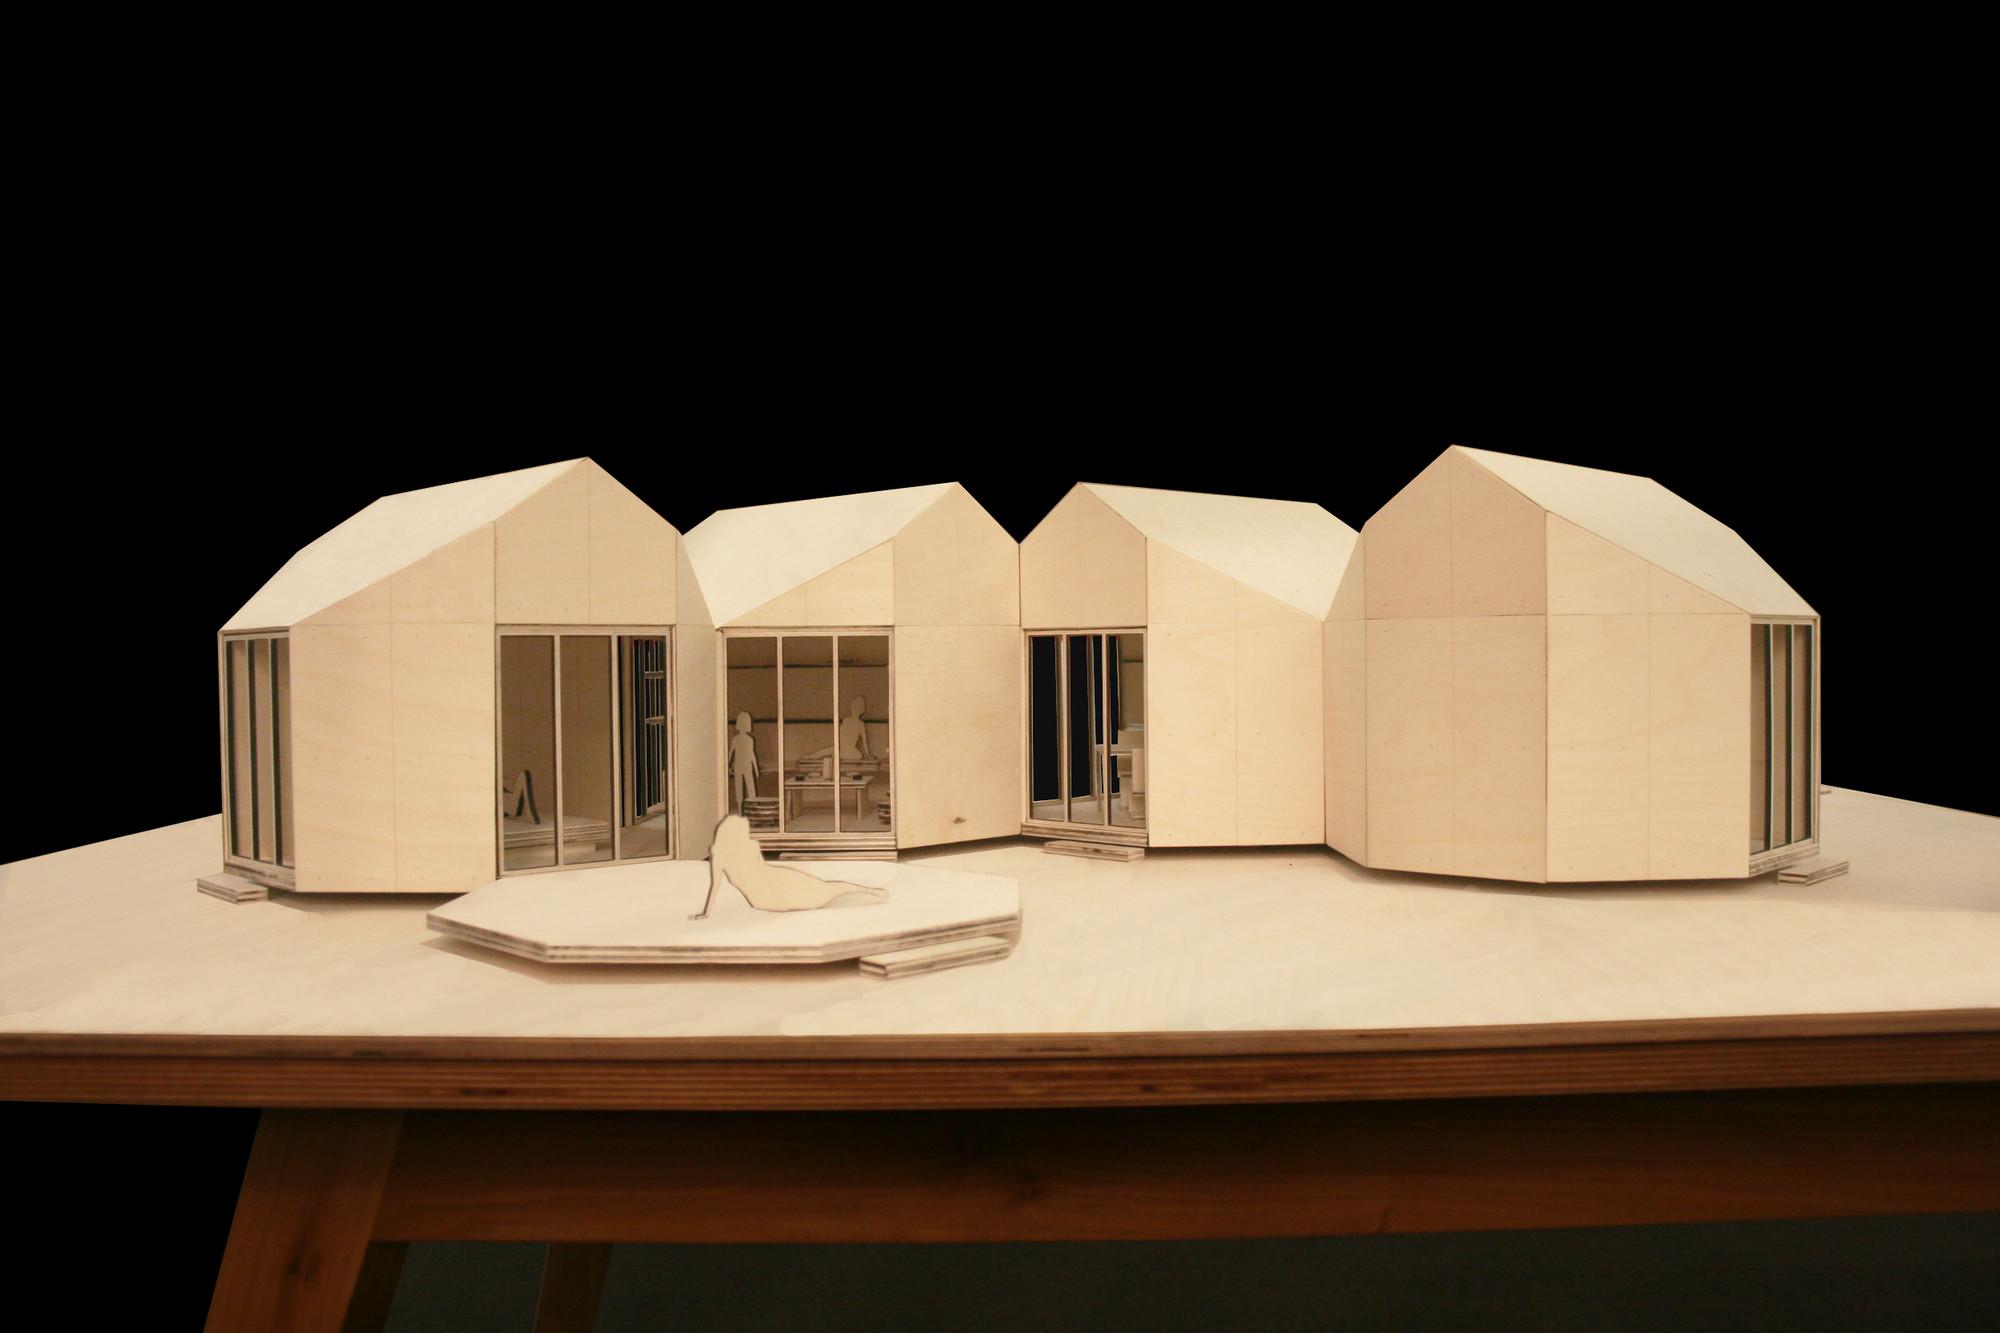 Prefabricacion tag plataforma arquitectura - Casas prefabricadas de lujo ...